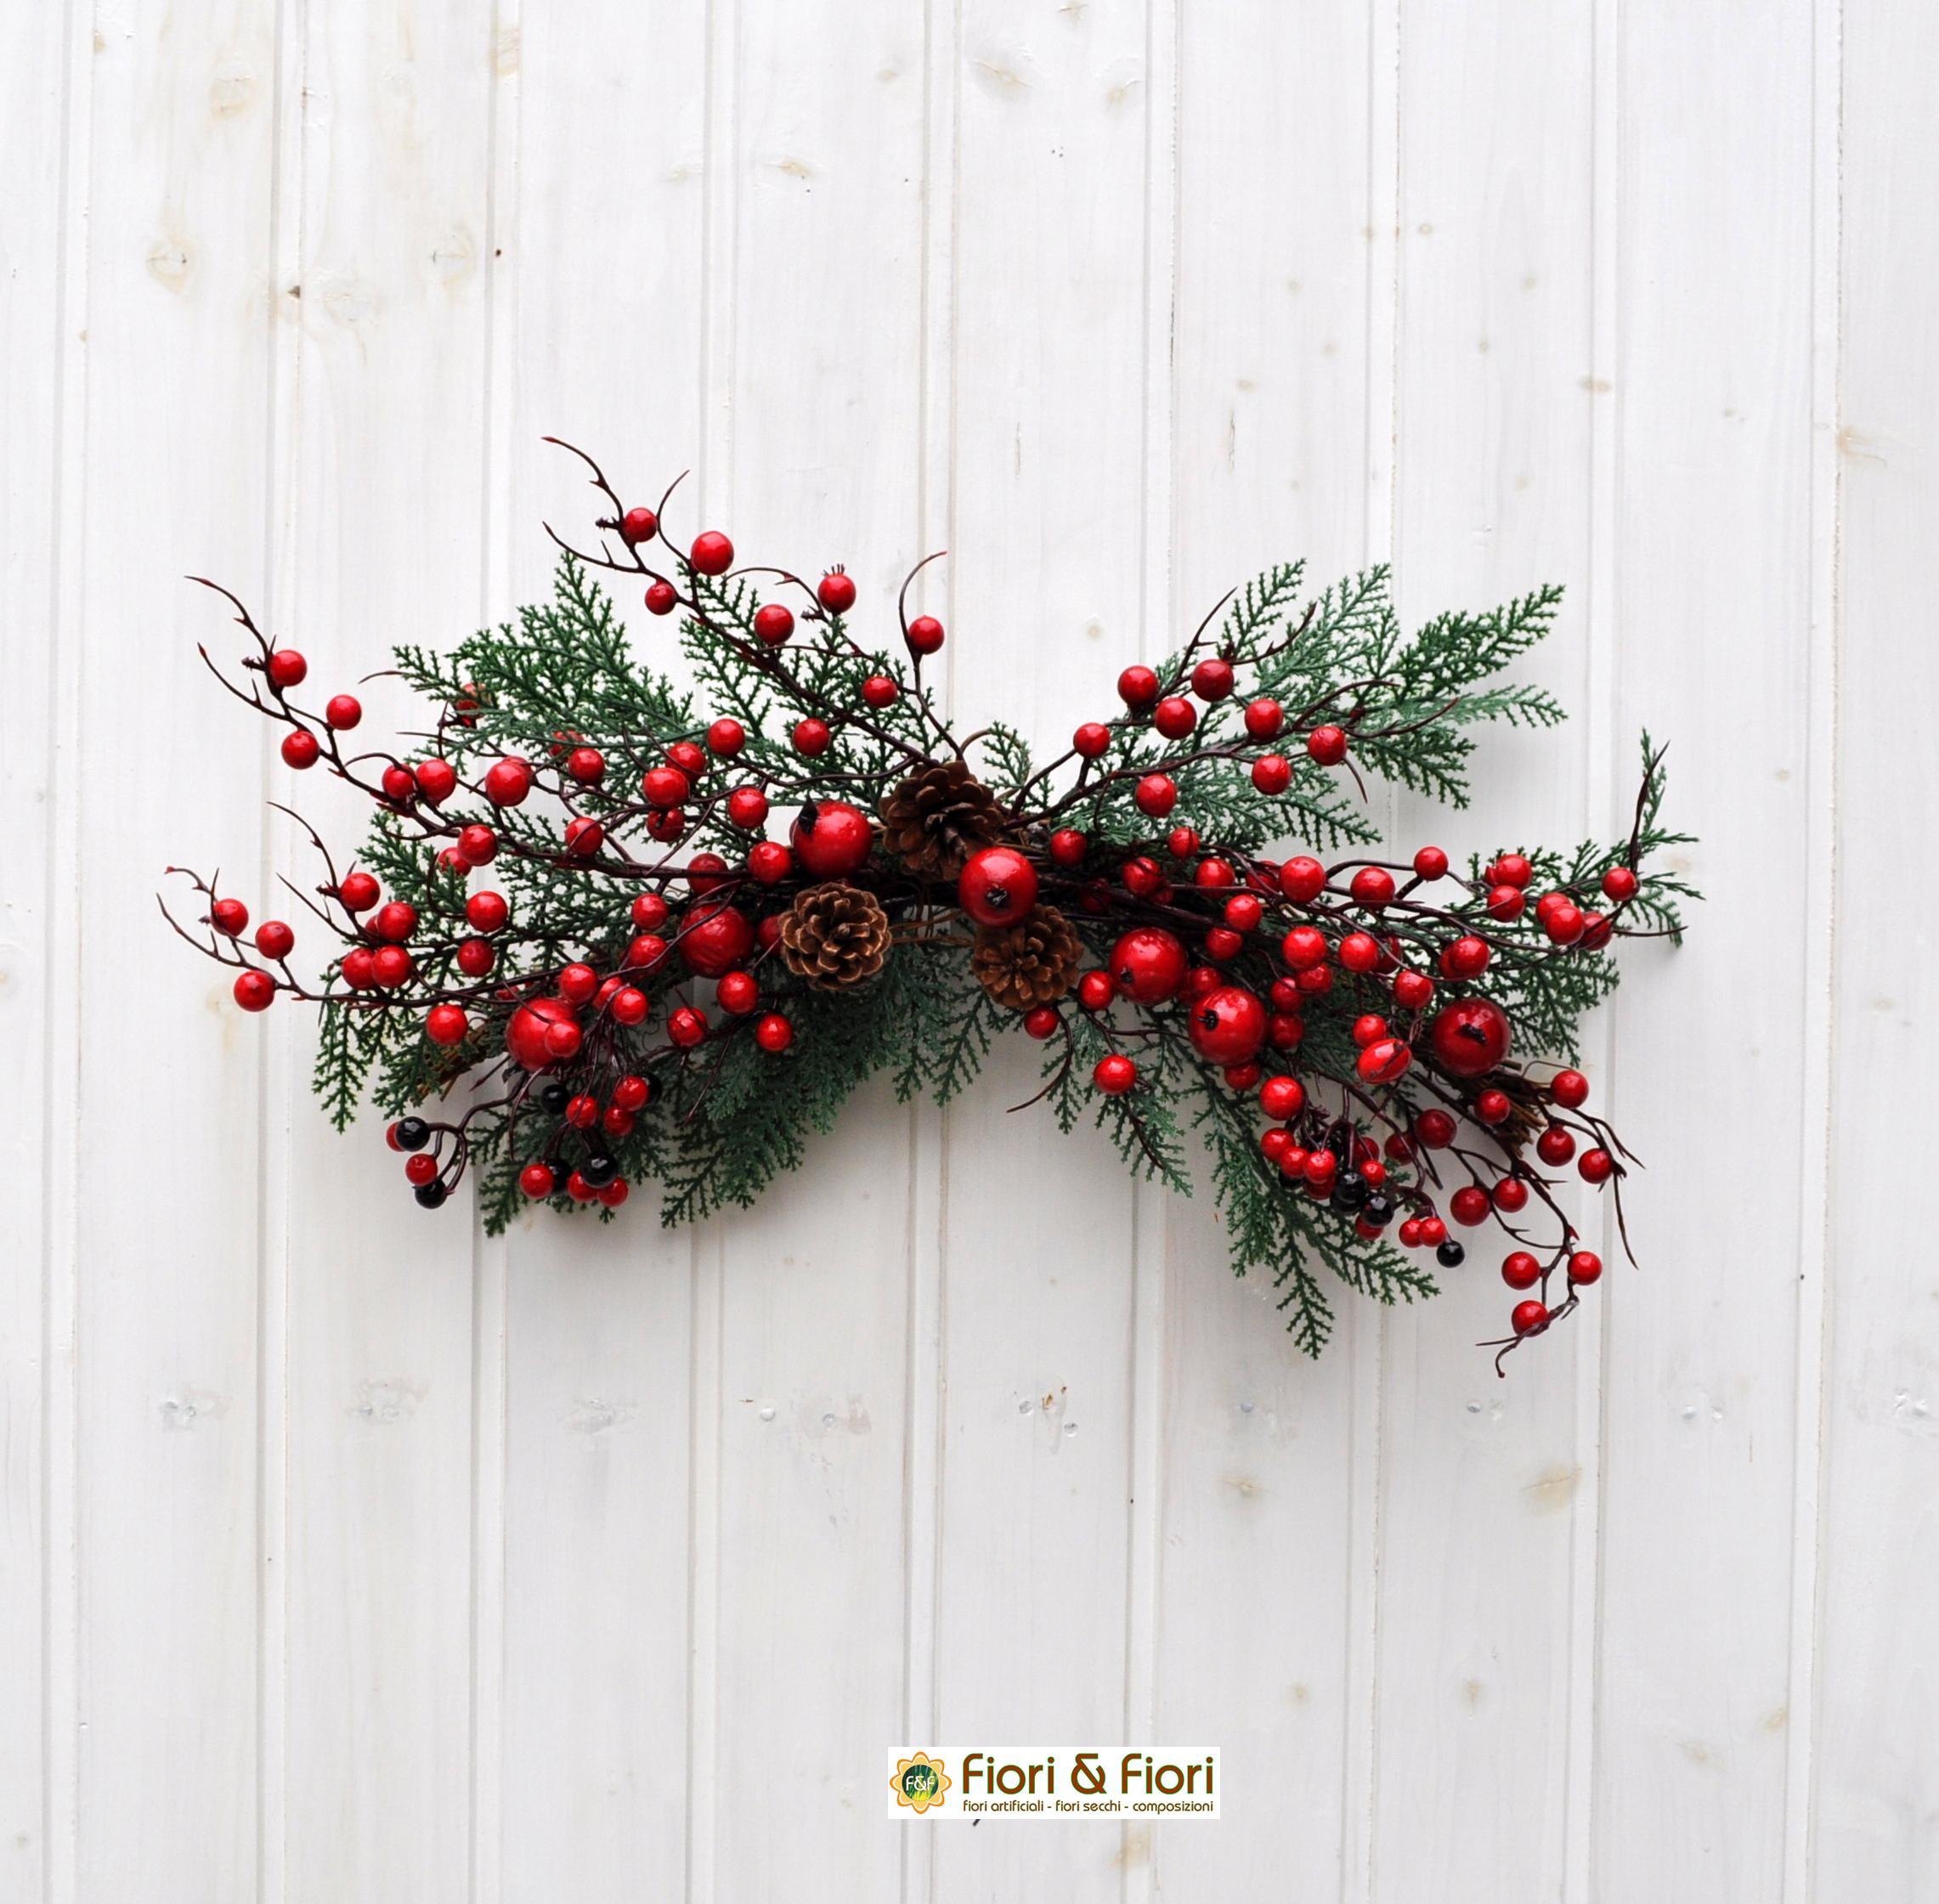 Decorazione bacche e pigne artificiali per decorazioni natalizie - Decorazioni natalizie pigne ...